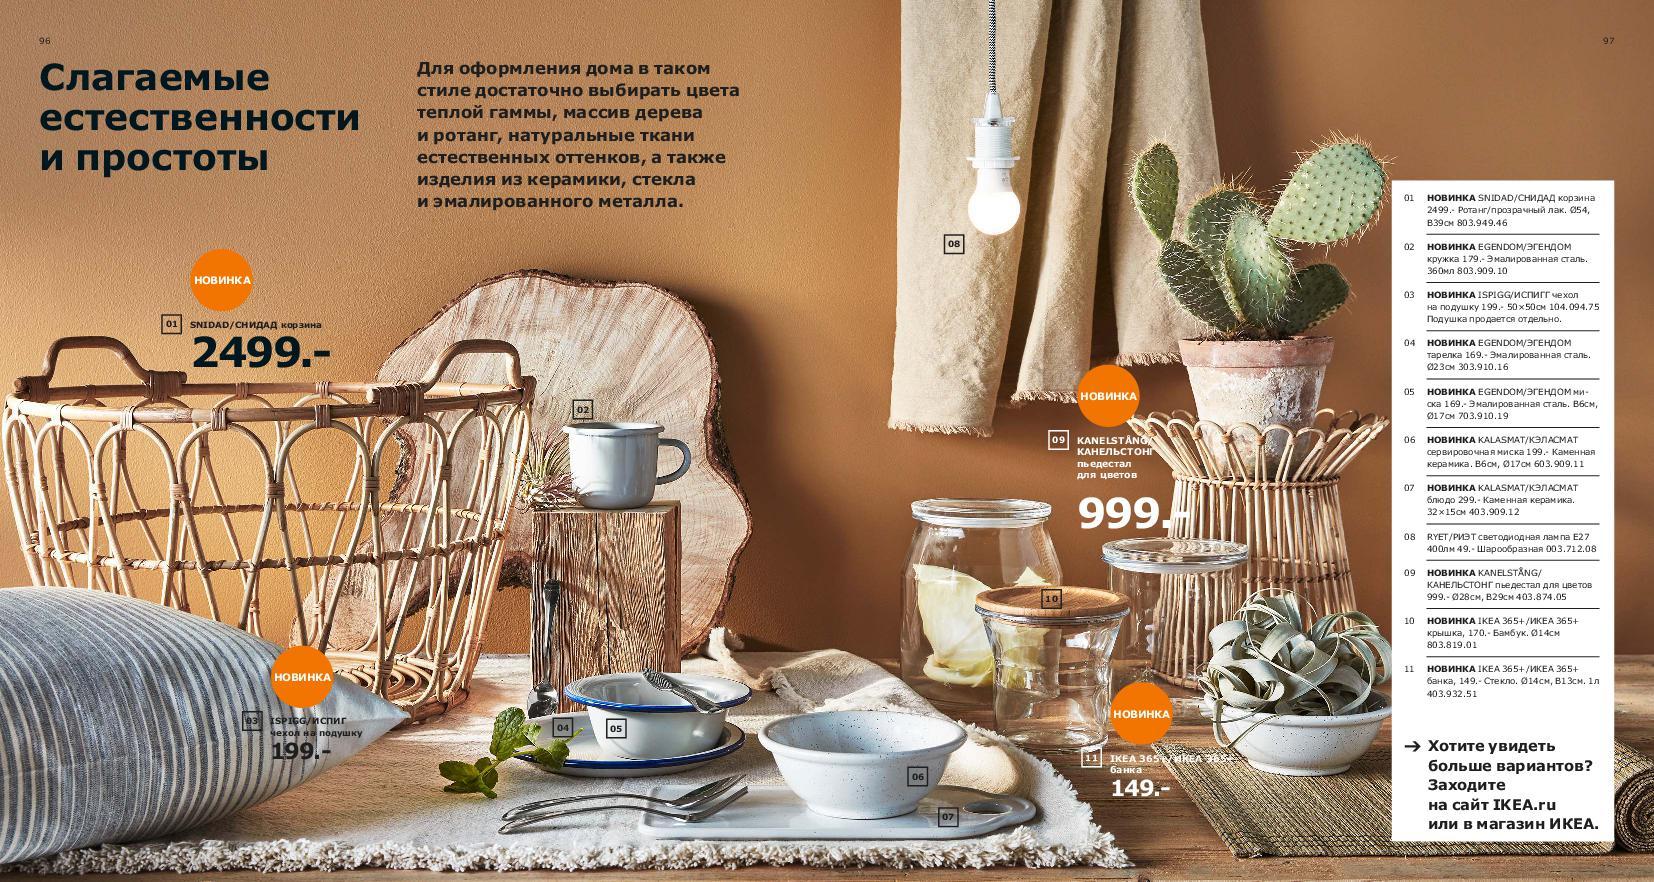 IKEA_catalogue_2019-49